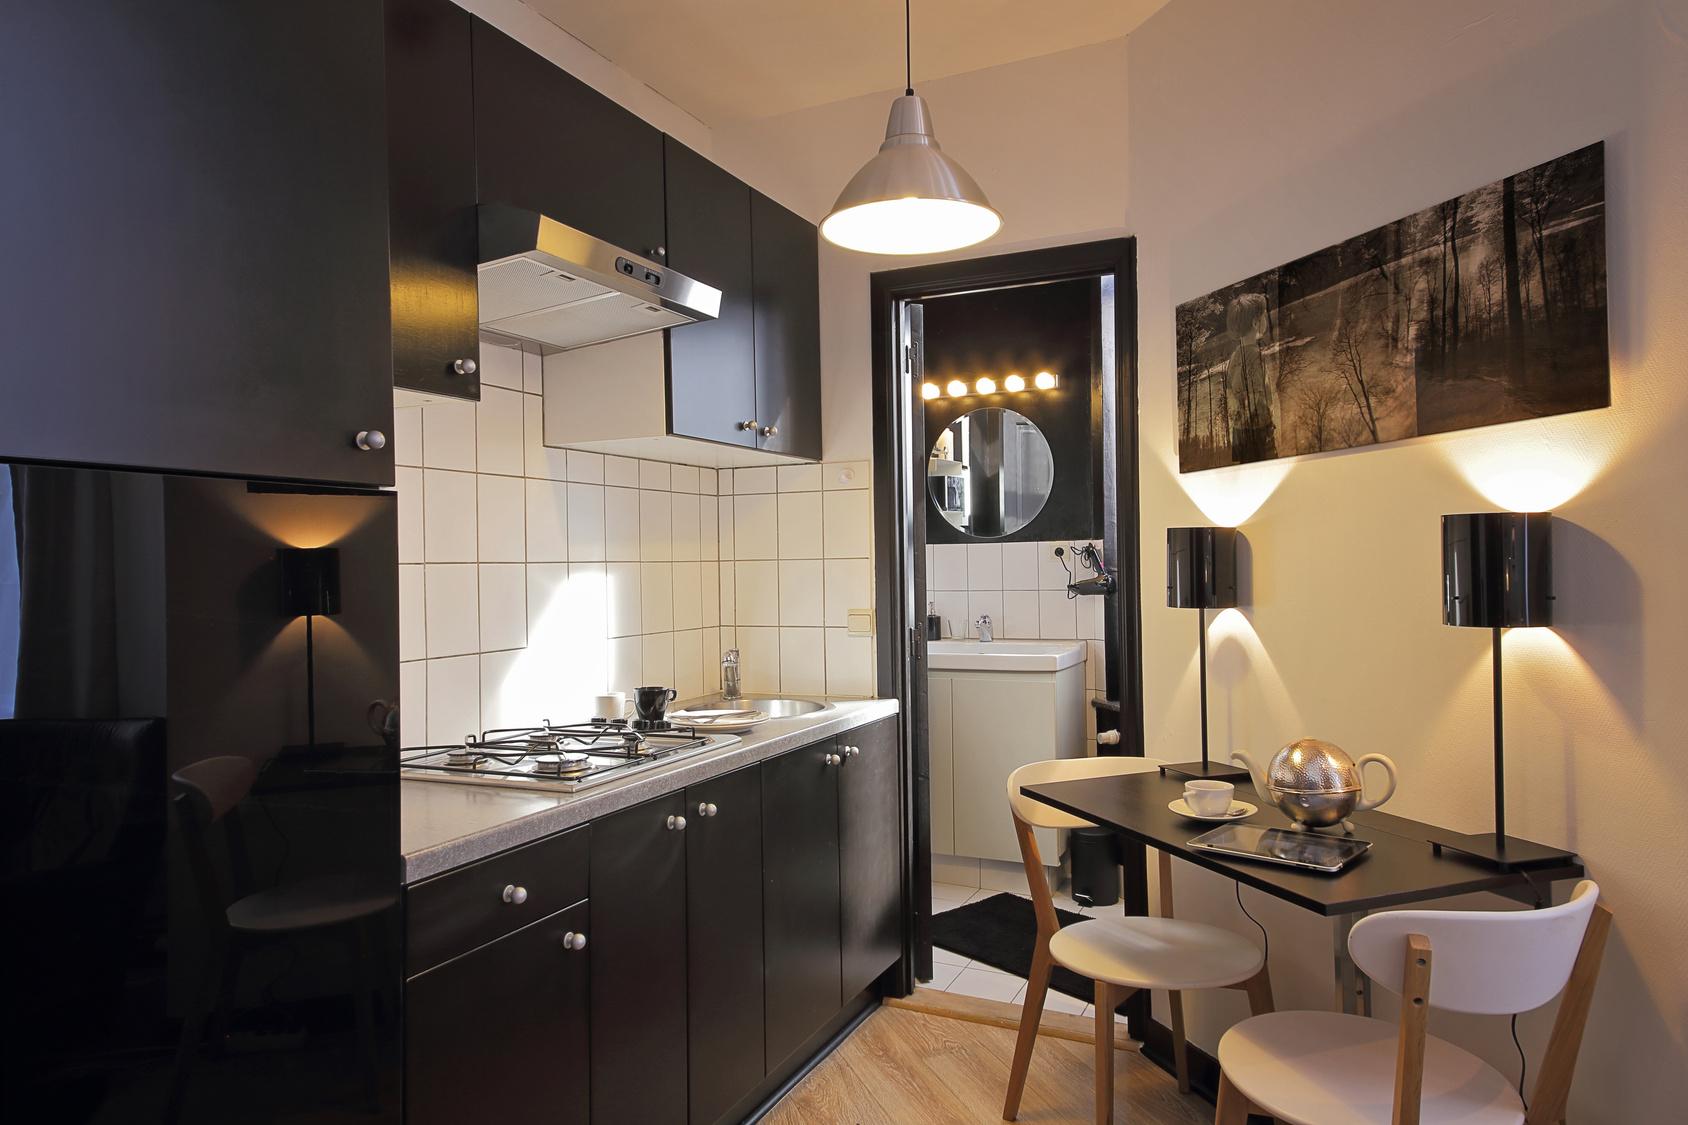 luxuriose kleine kuche, küchenliebhaber.de, Design ideen